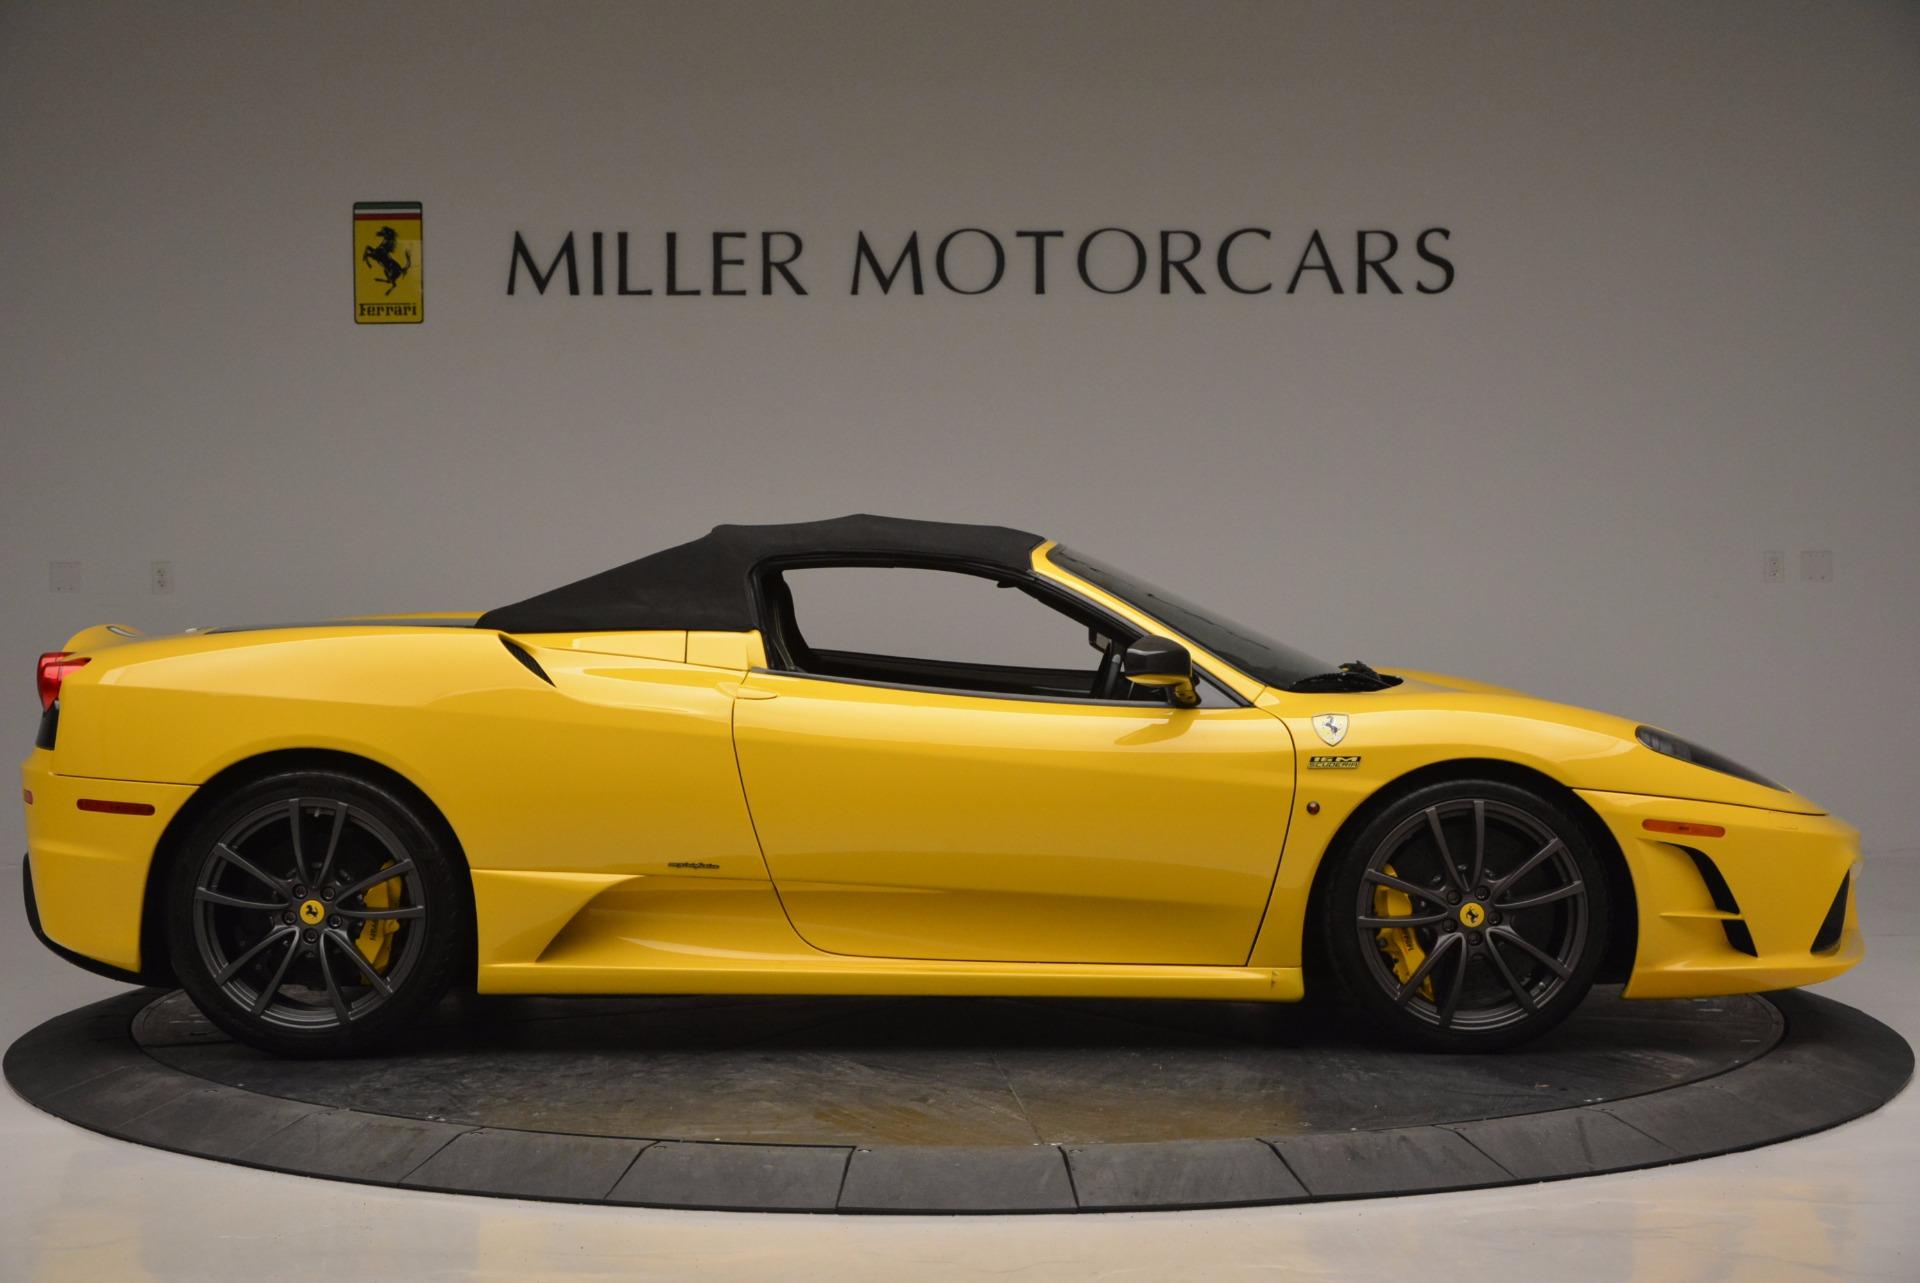 Used 2009 Ferrari F430 Scuderia 16M For Sale In Greenwich, CT. Alfa Romeo of Greenwich, 4369 856_p21